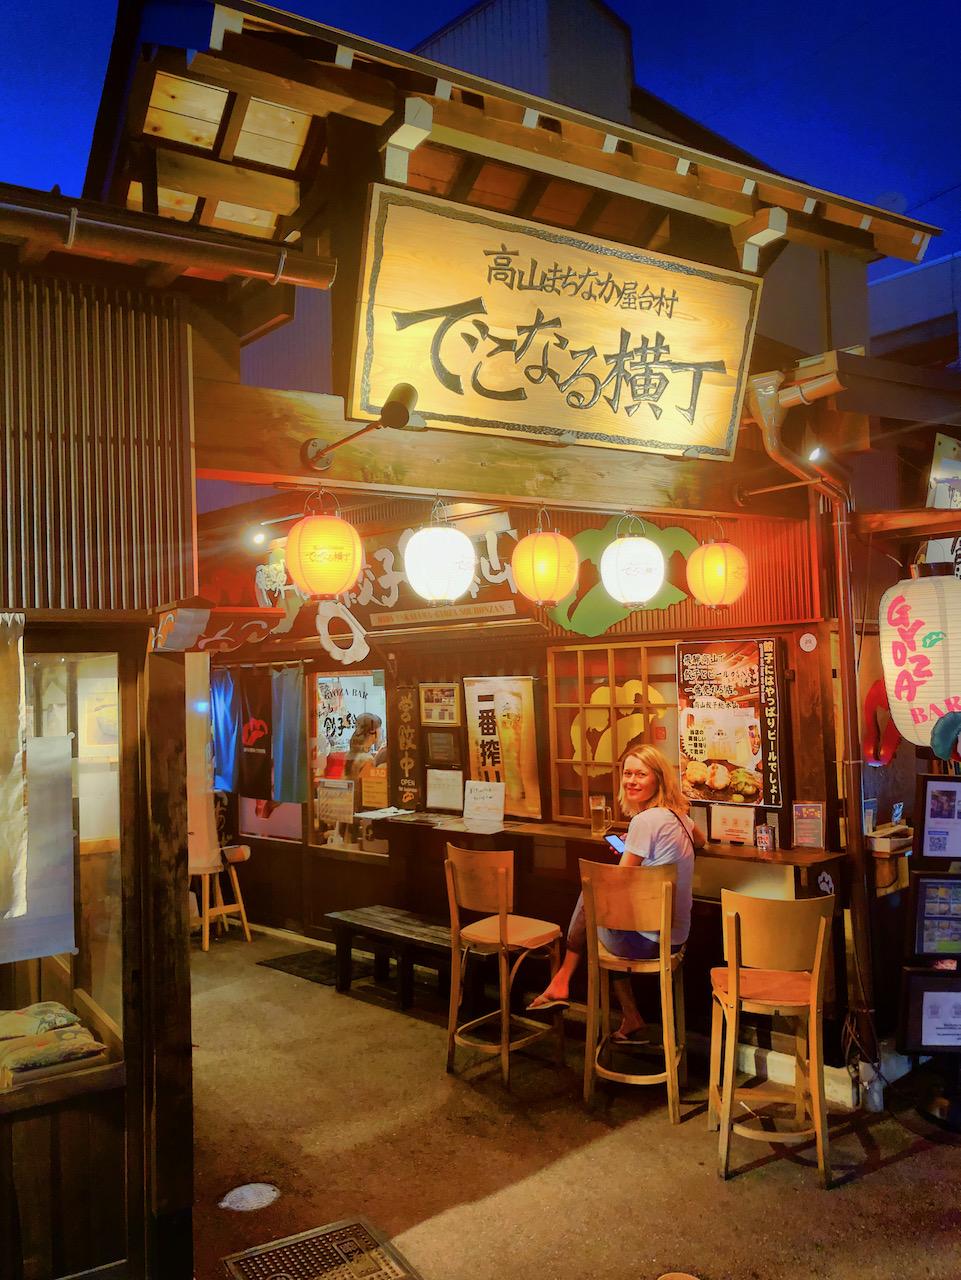 Gyoza-Restaurant in Takayama, Takayama-Shi, Gifu, Japan (10.09.2019)